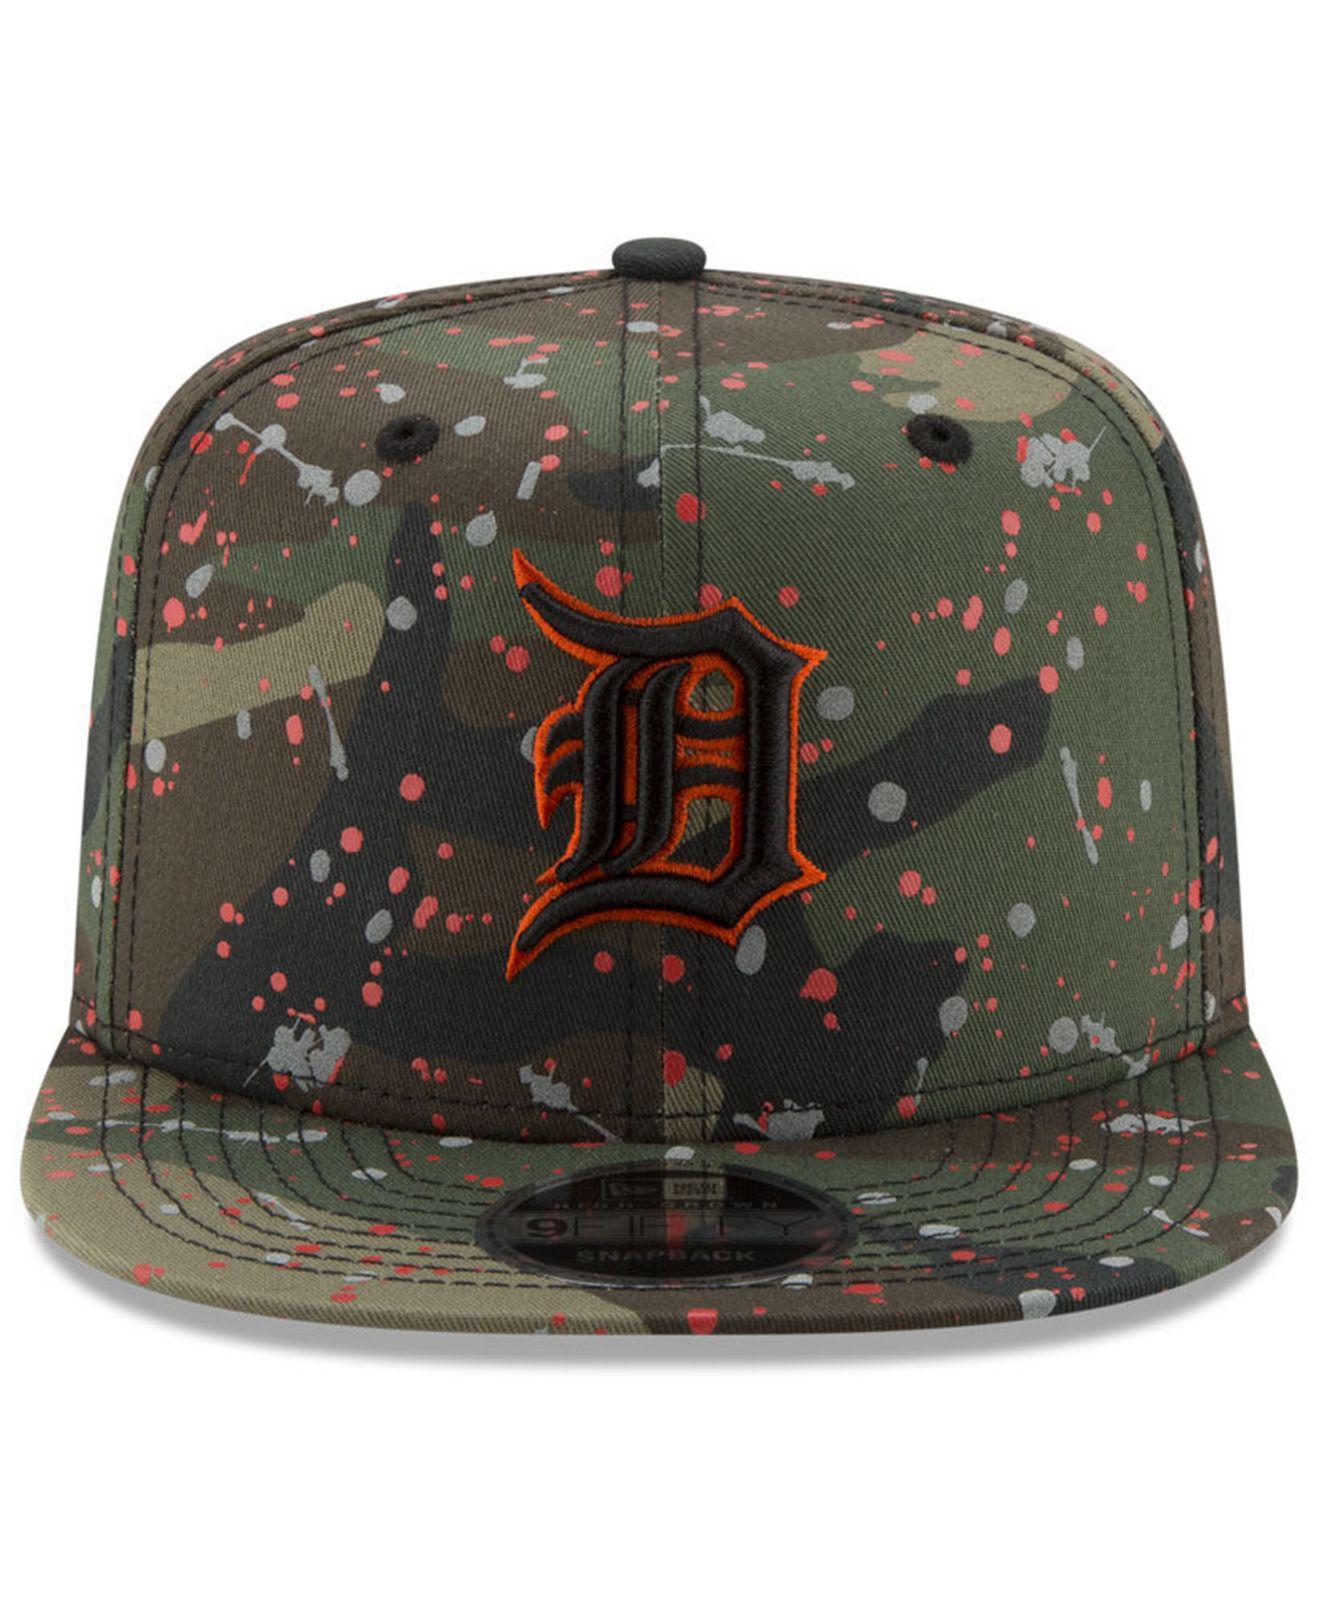 017e876d10f Lyst - Ktz Detroit Tigers Camo Spec 9fifty Snapback Cap in Green for Men